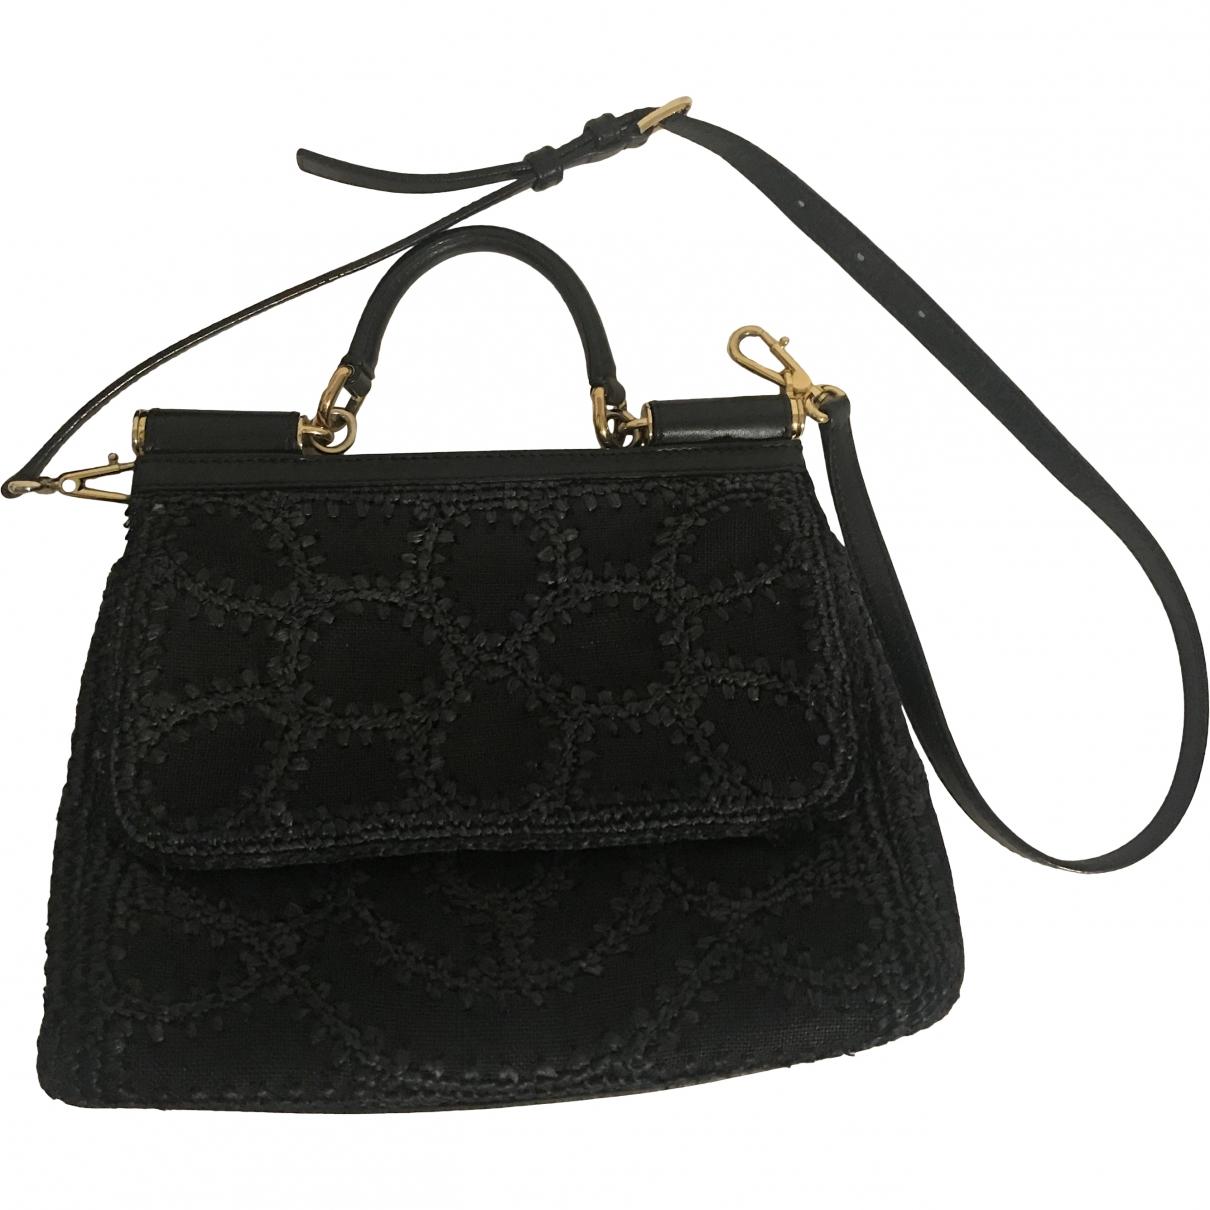 Dolce & Gabbana Sicily Black Wicker handbag for Women \N